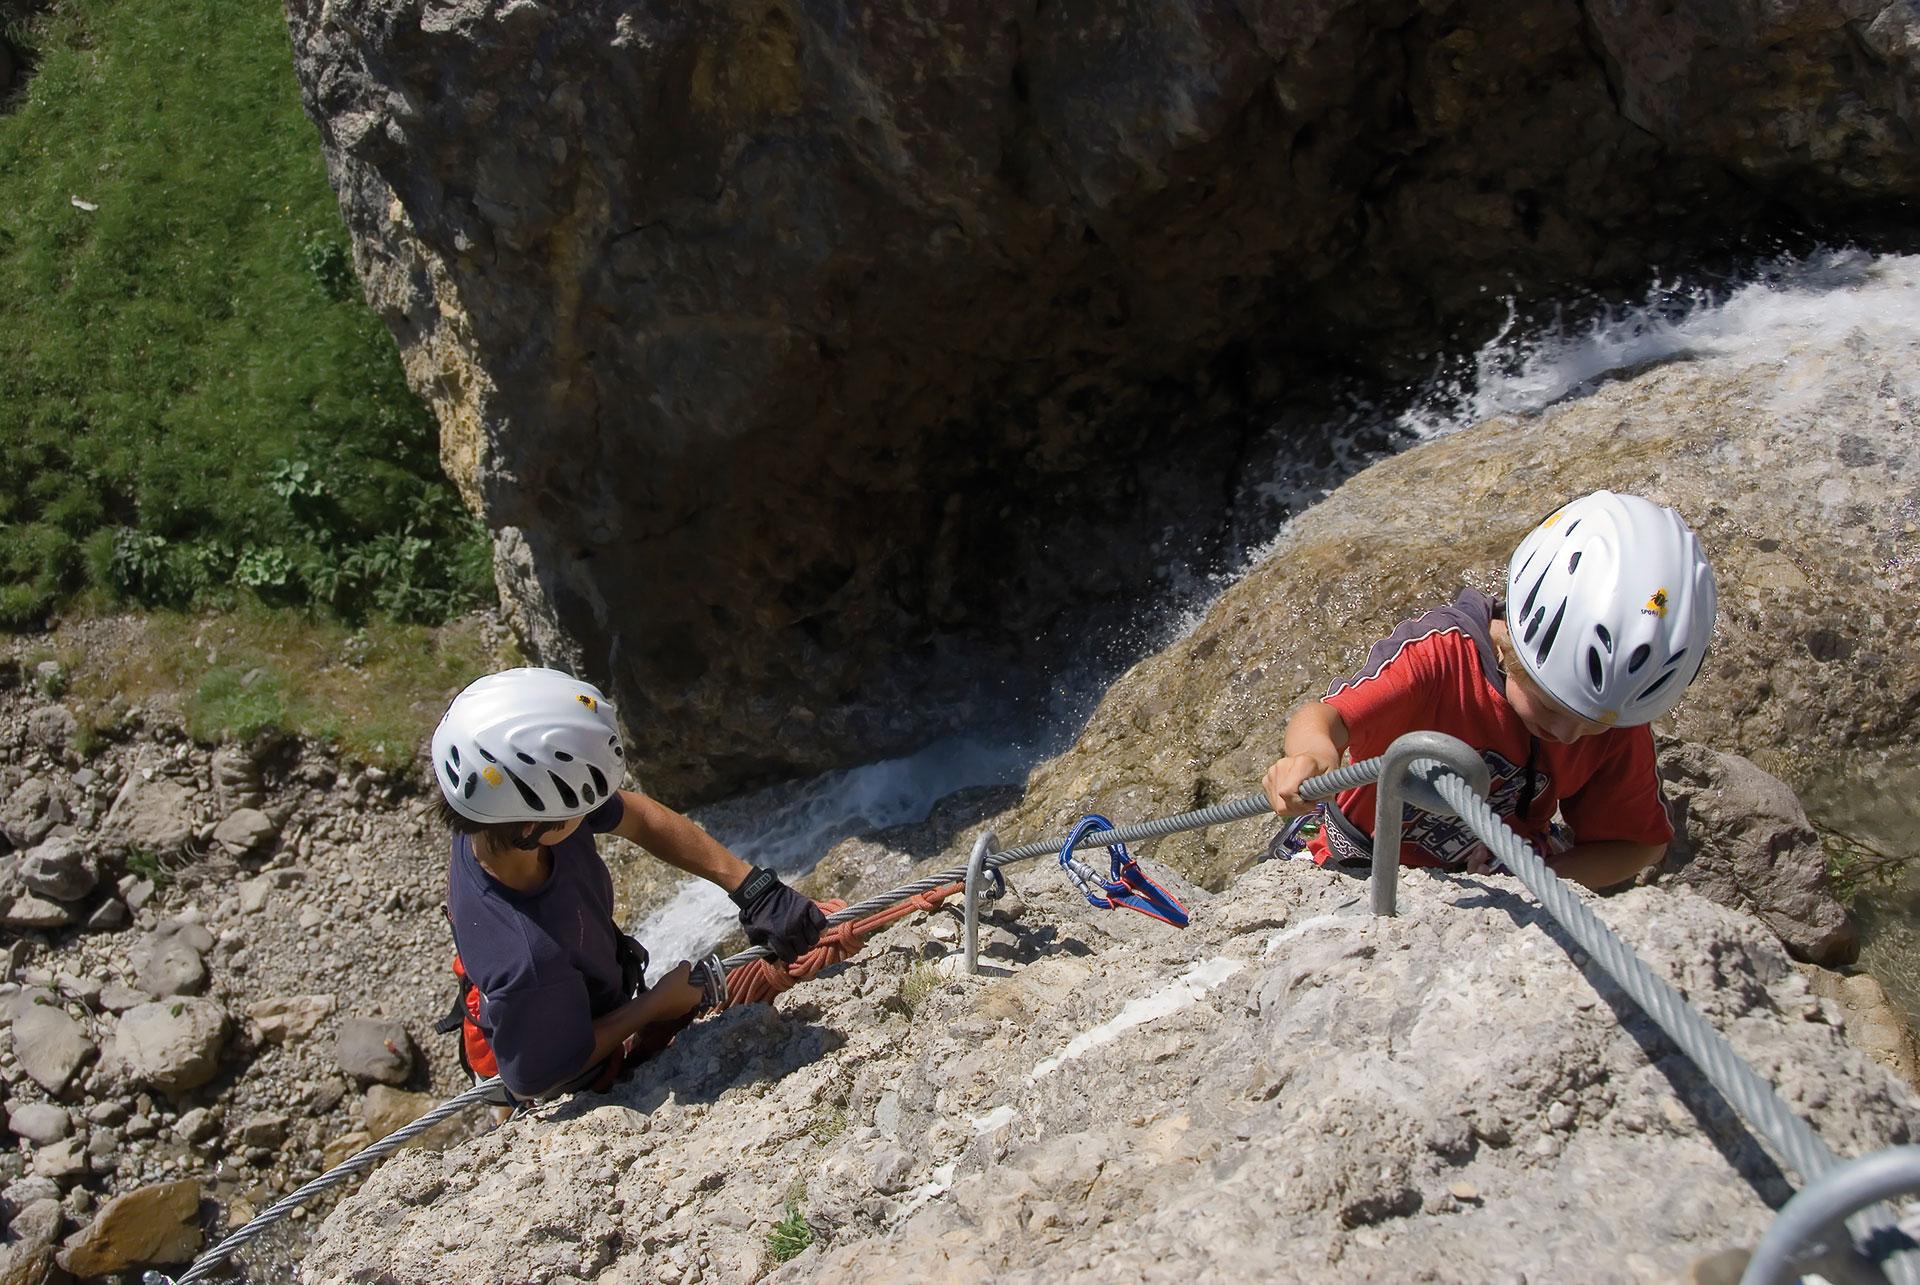 Klettersteig Equipment : Tourentipp hoachwool klettersteig bei naturns tourentipps